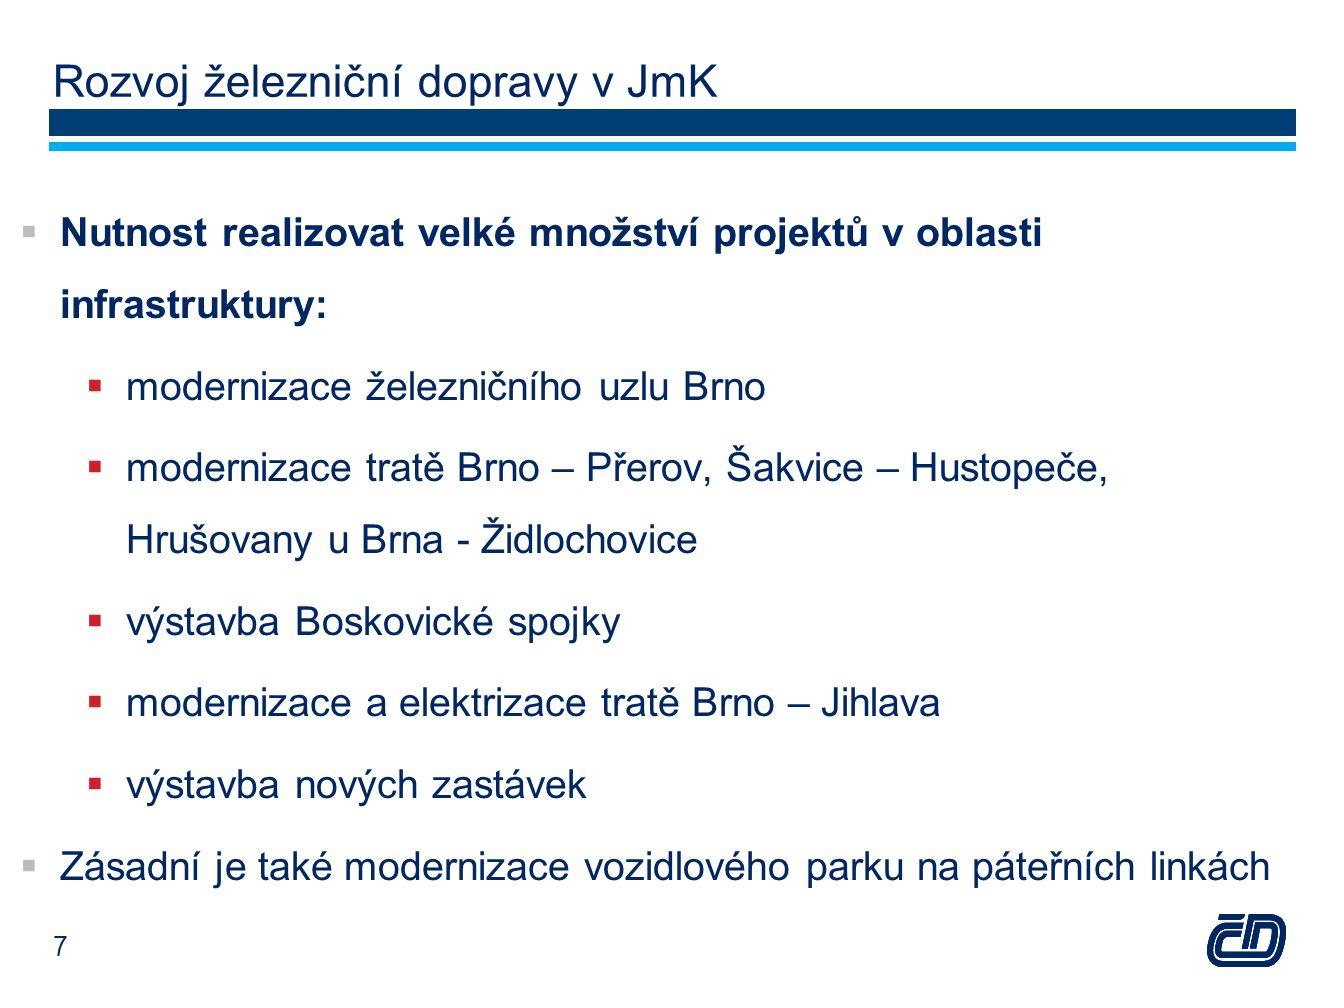 Bike & Ride – možnosti výstavby na pozemcích ČD Znojmo vhodné pozemky v prodeji městu Břeclav pozemky již prodány městu Veselí nad Moravou pozemky již prodány městu Hodonín pozemky zatím v majetku ČD, a.s.